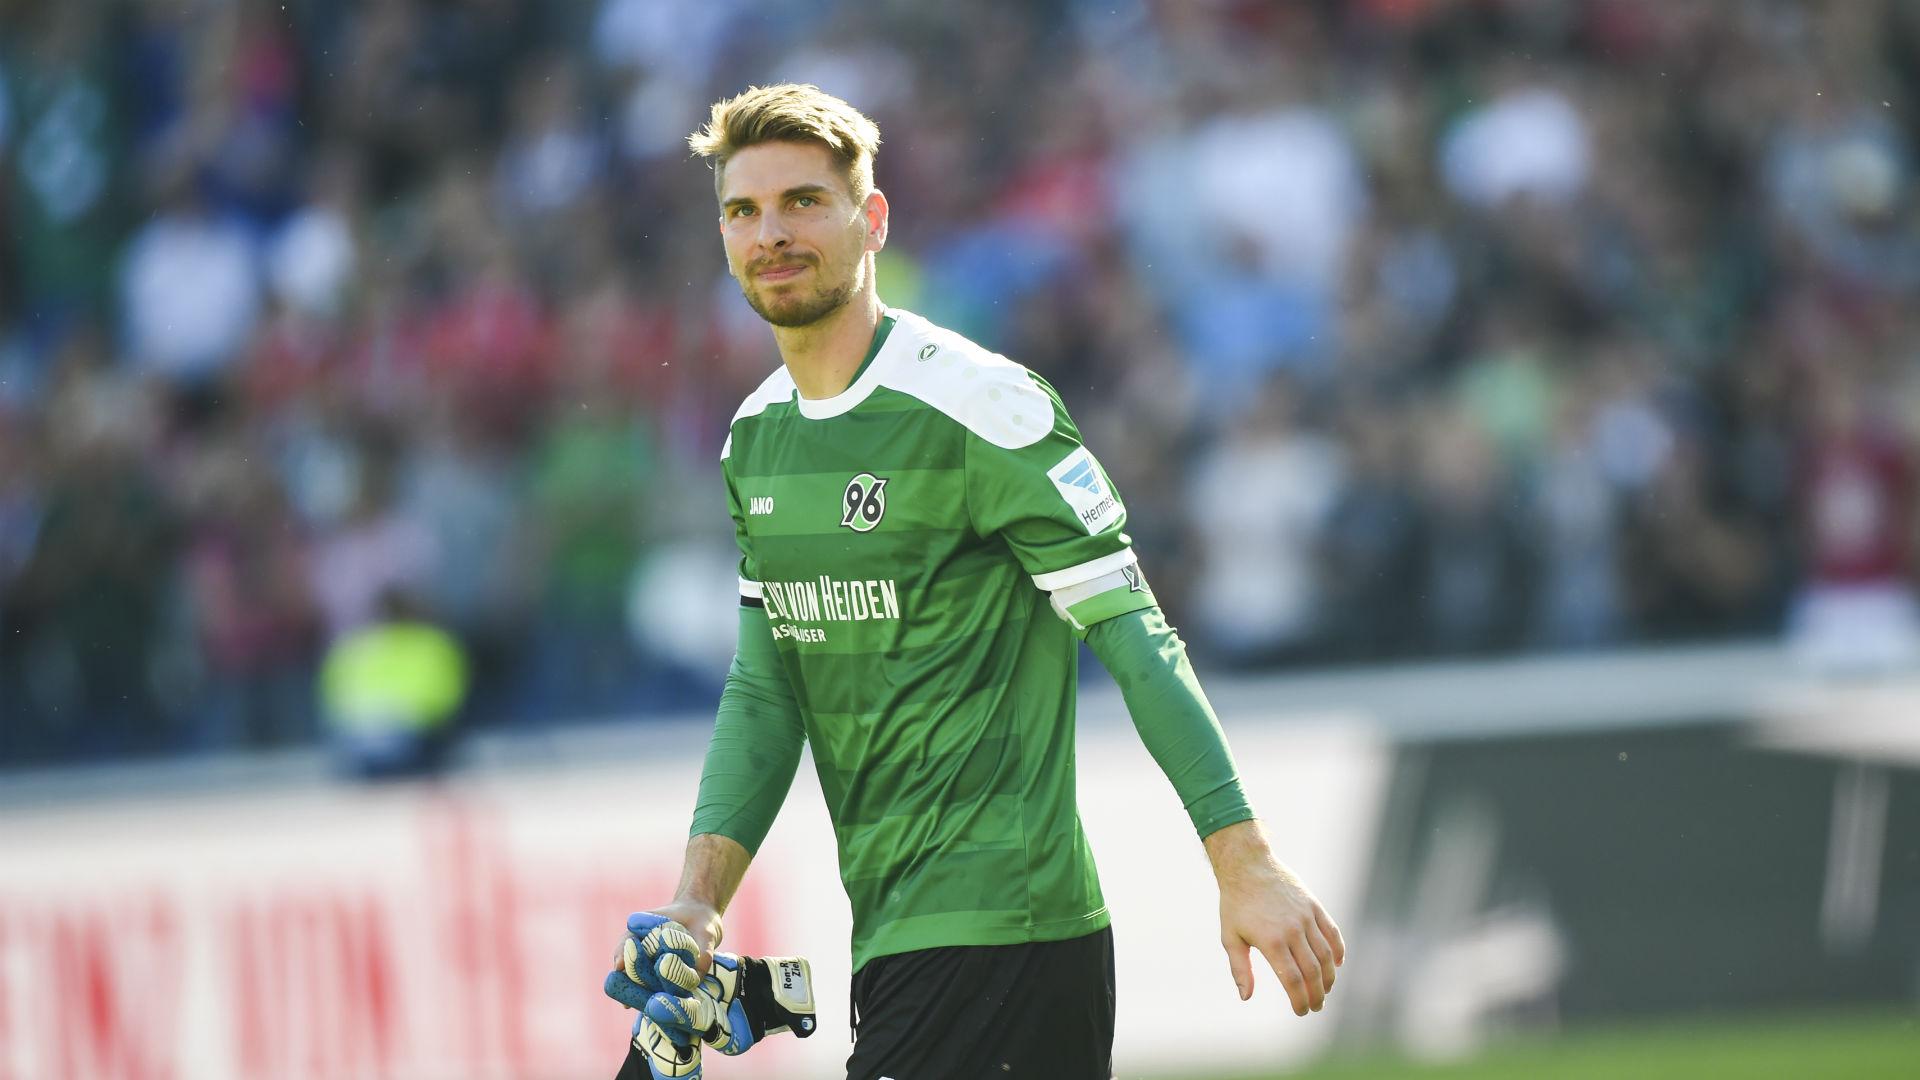 FC Heidenheim VS Hannover BETTING TIPS (05-05-2017)